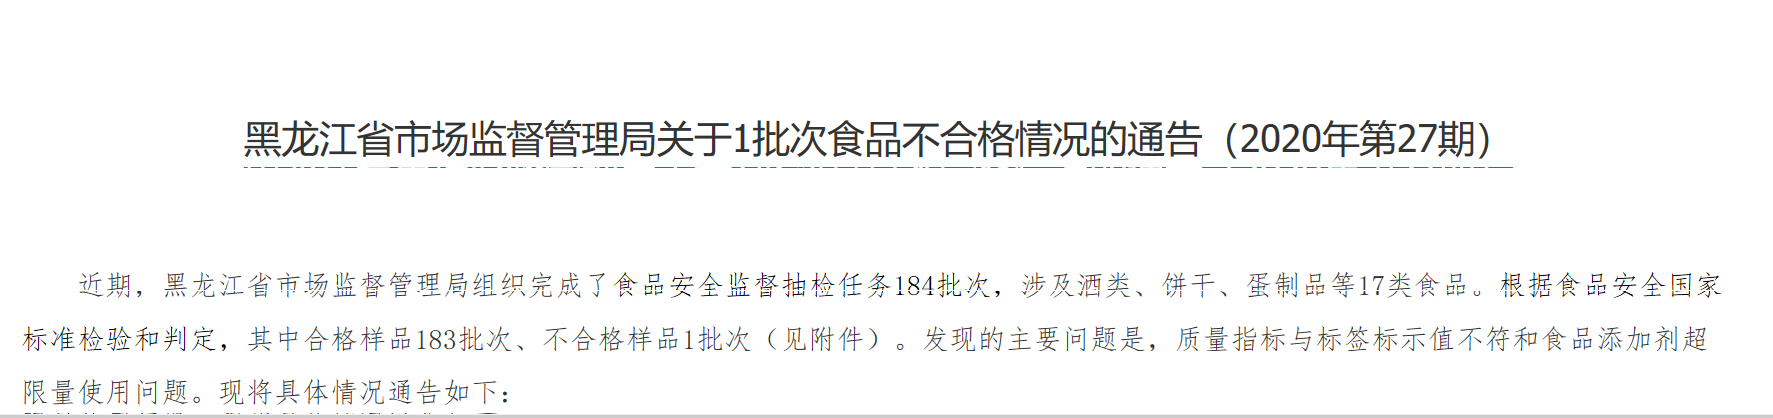 黑龙江省市场监管局公布薯类和膨化食品监督抽检合格产品信息